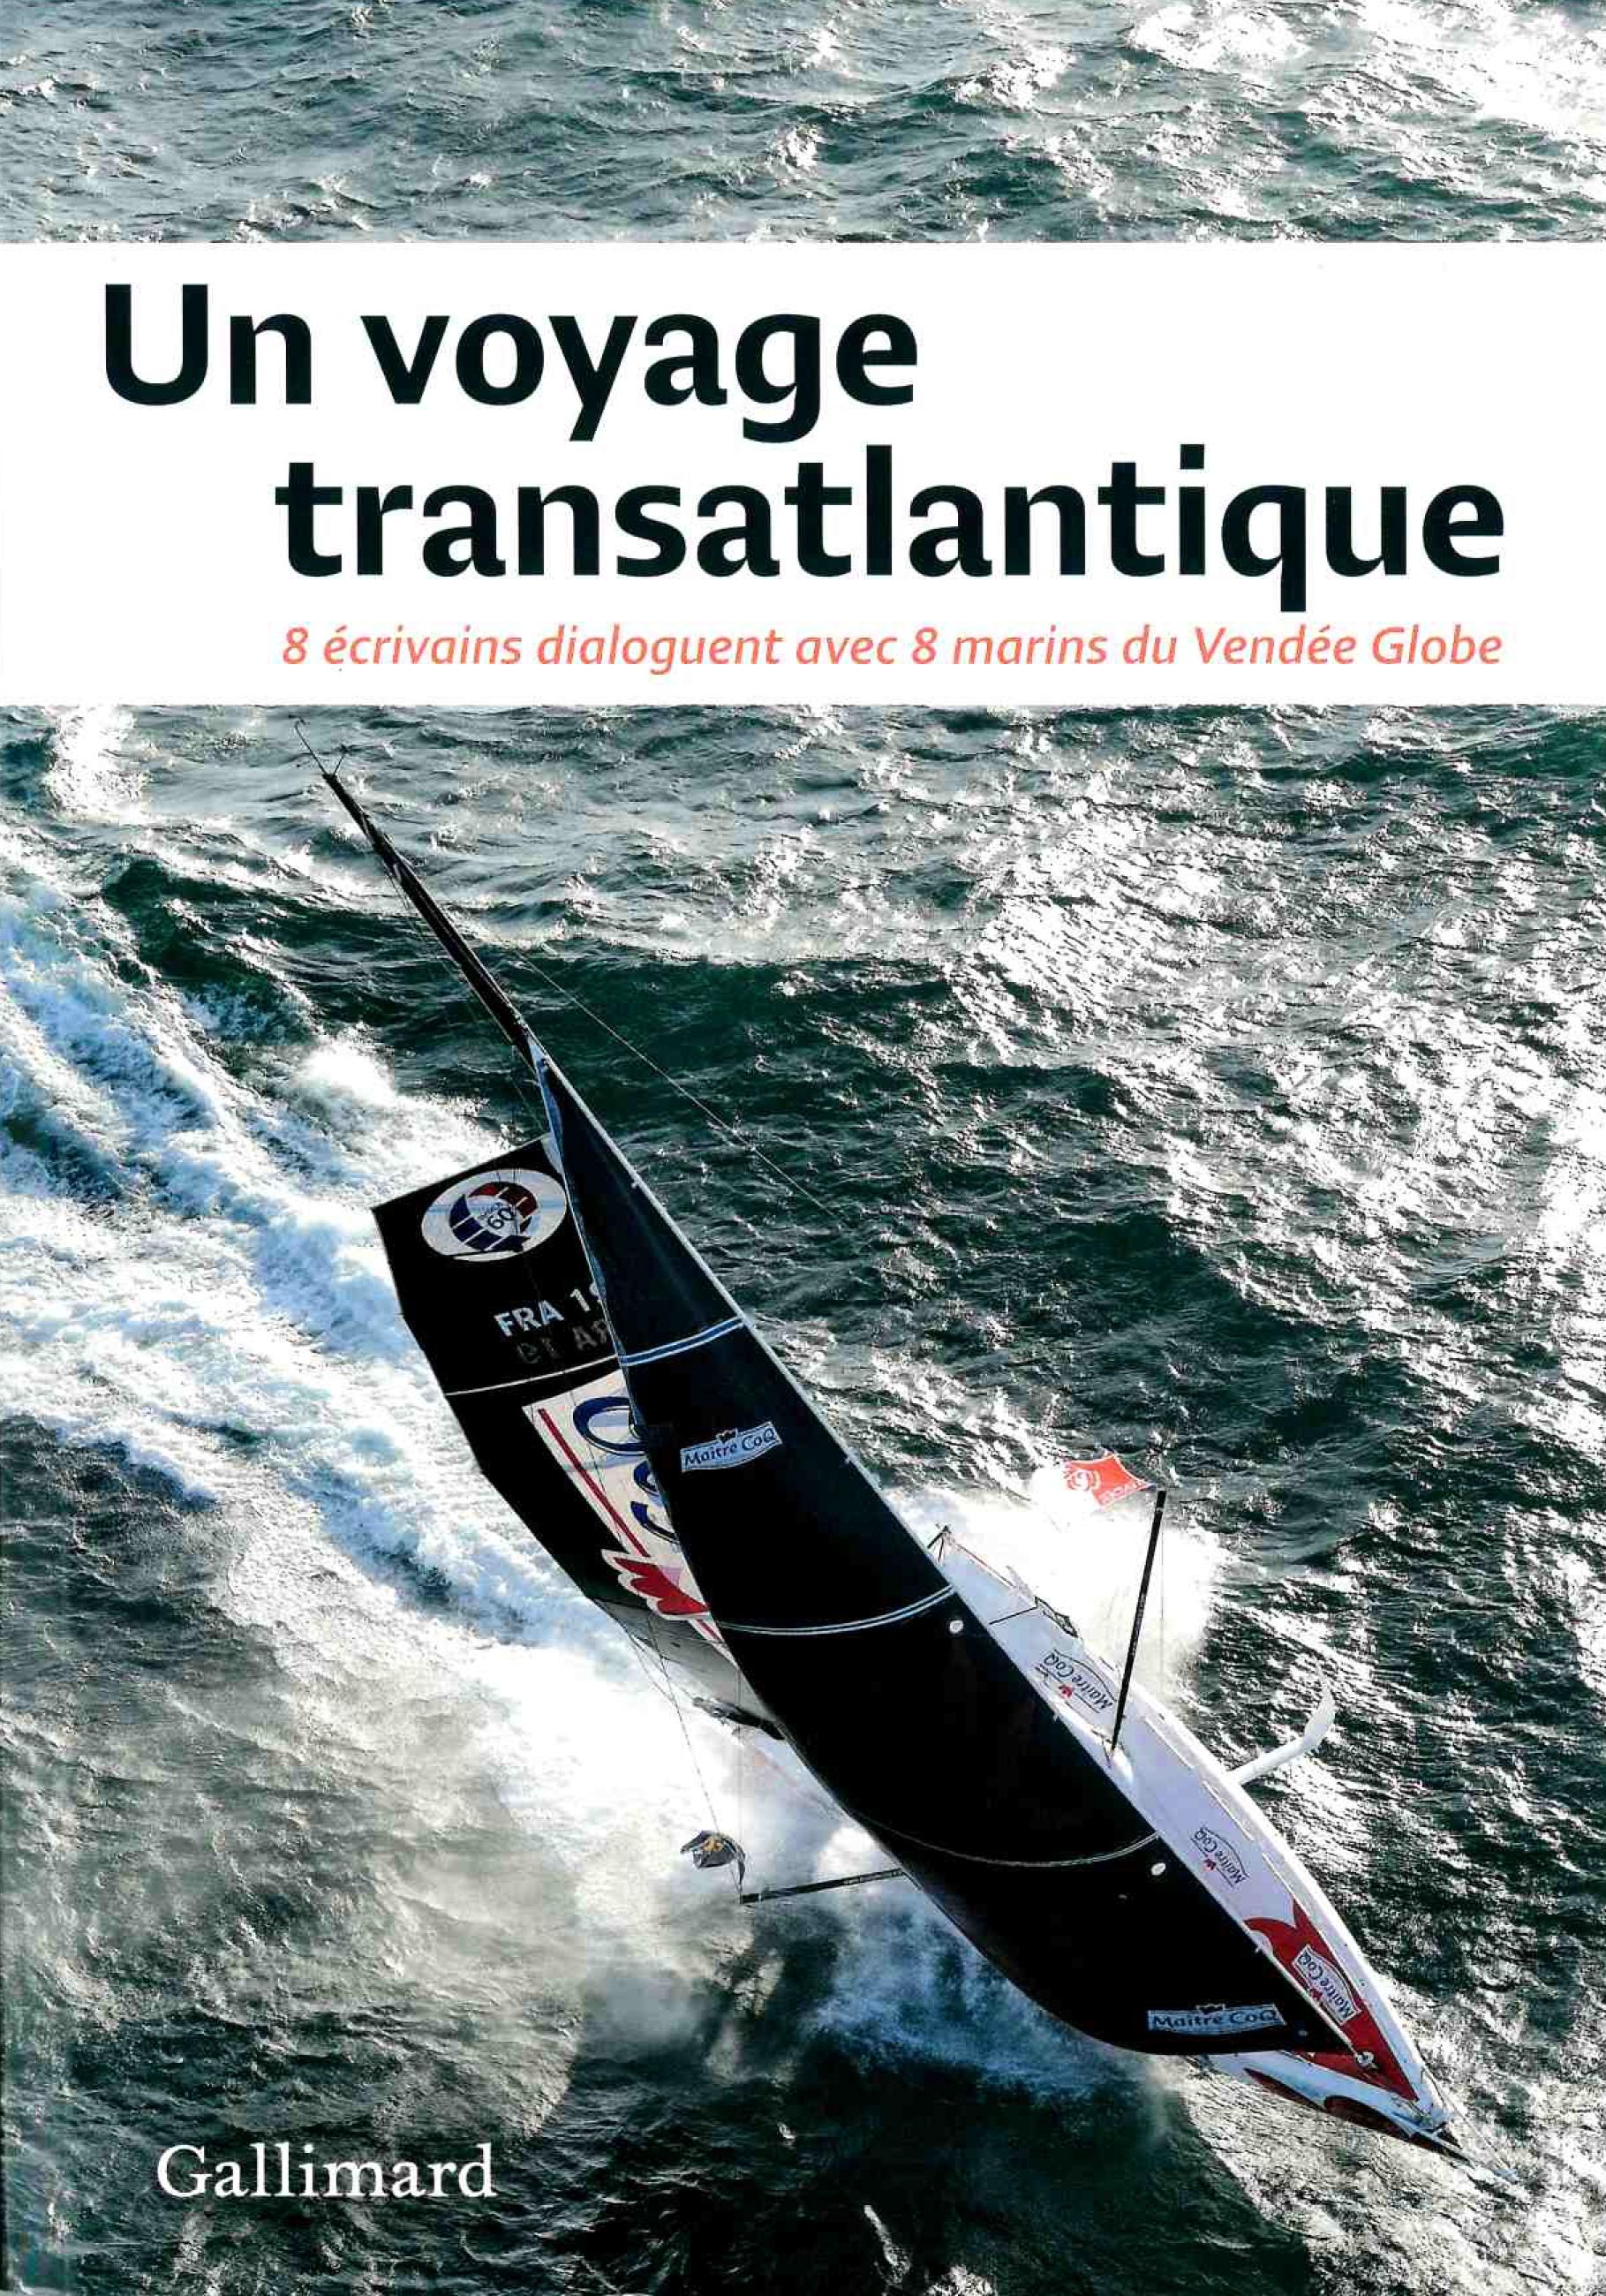 livre,récit,course au large,compétition,un voyage transatlantique,8 marins,8 écrivains,vendée globe,gallimard